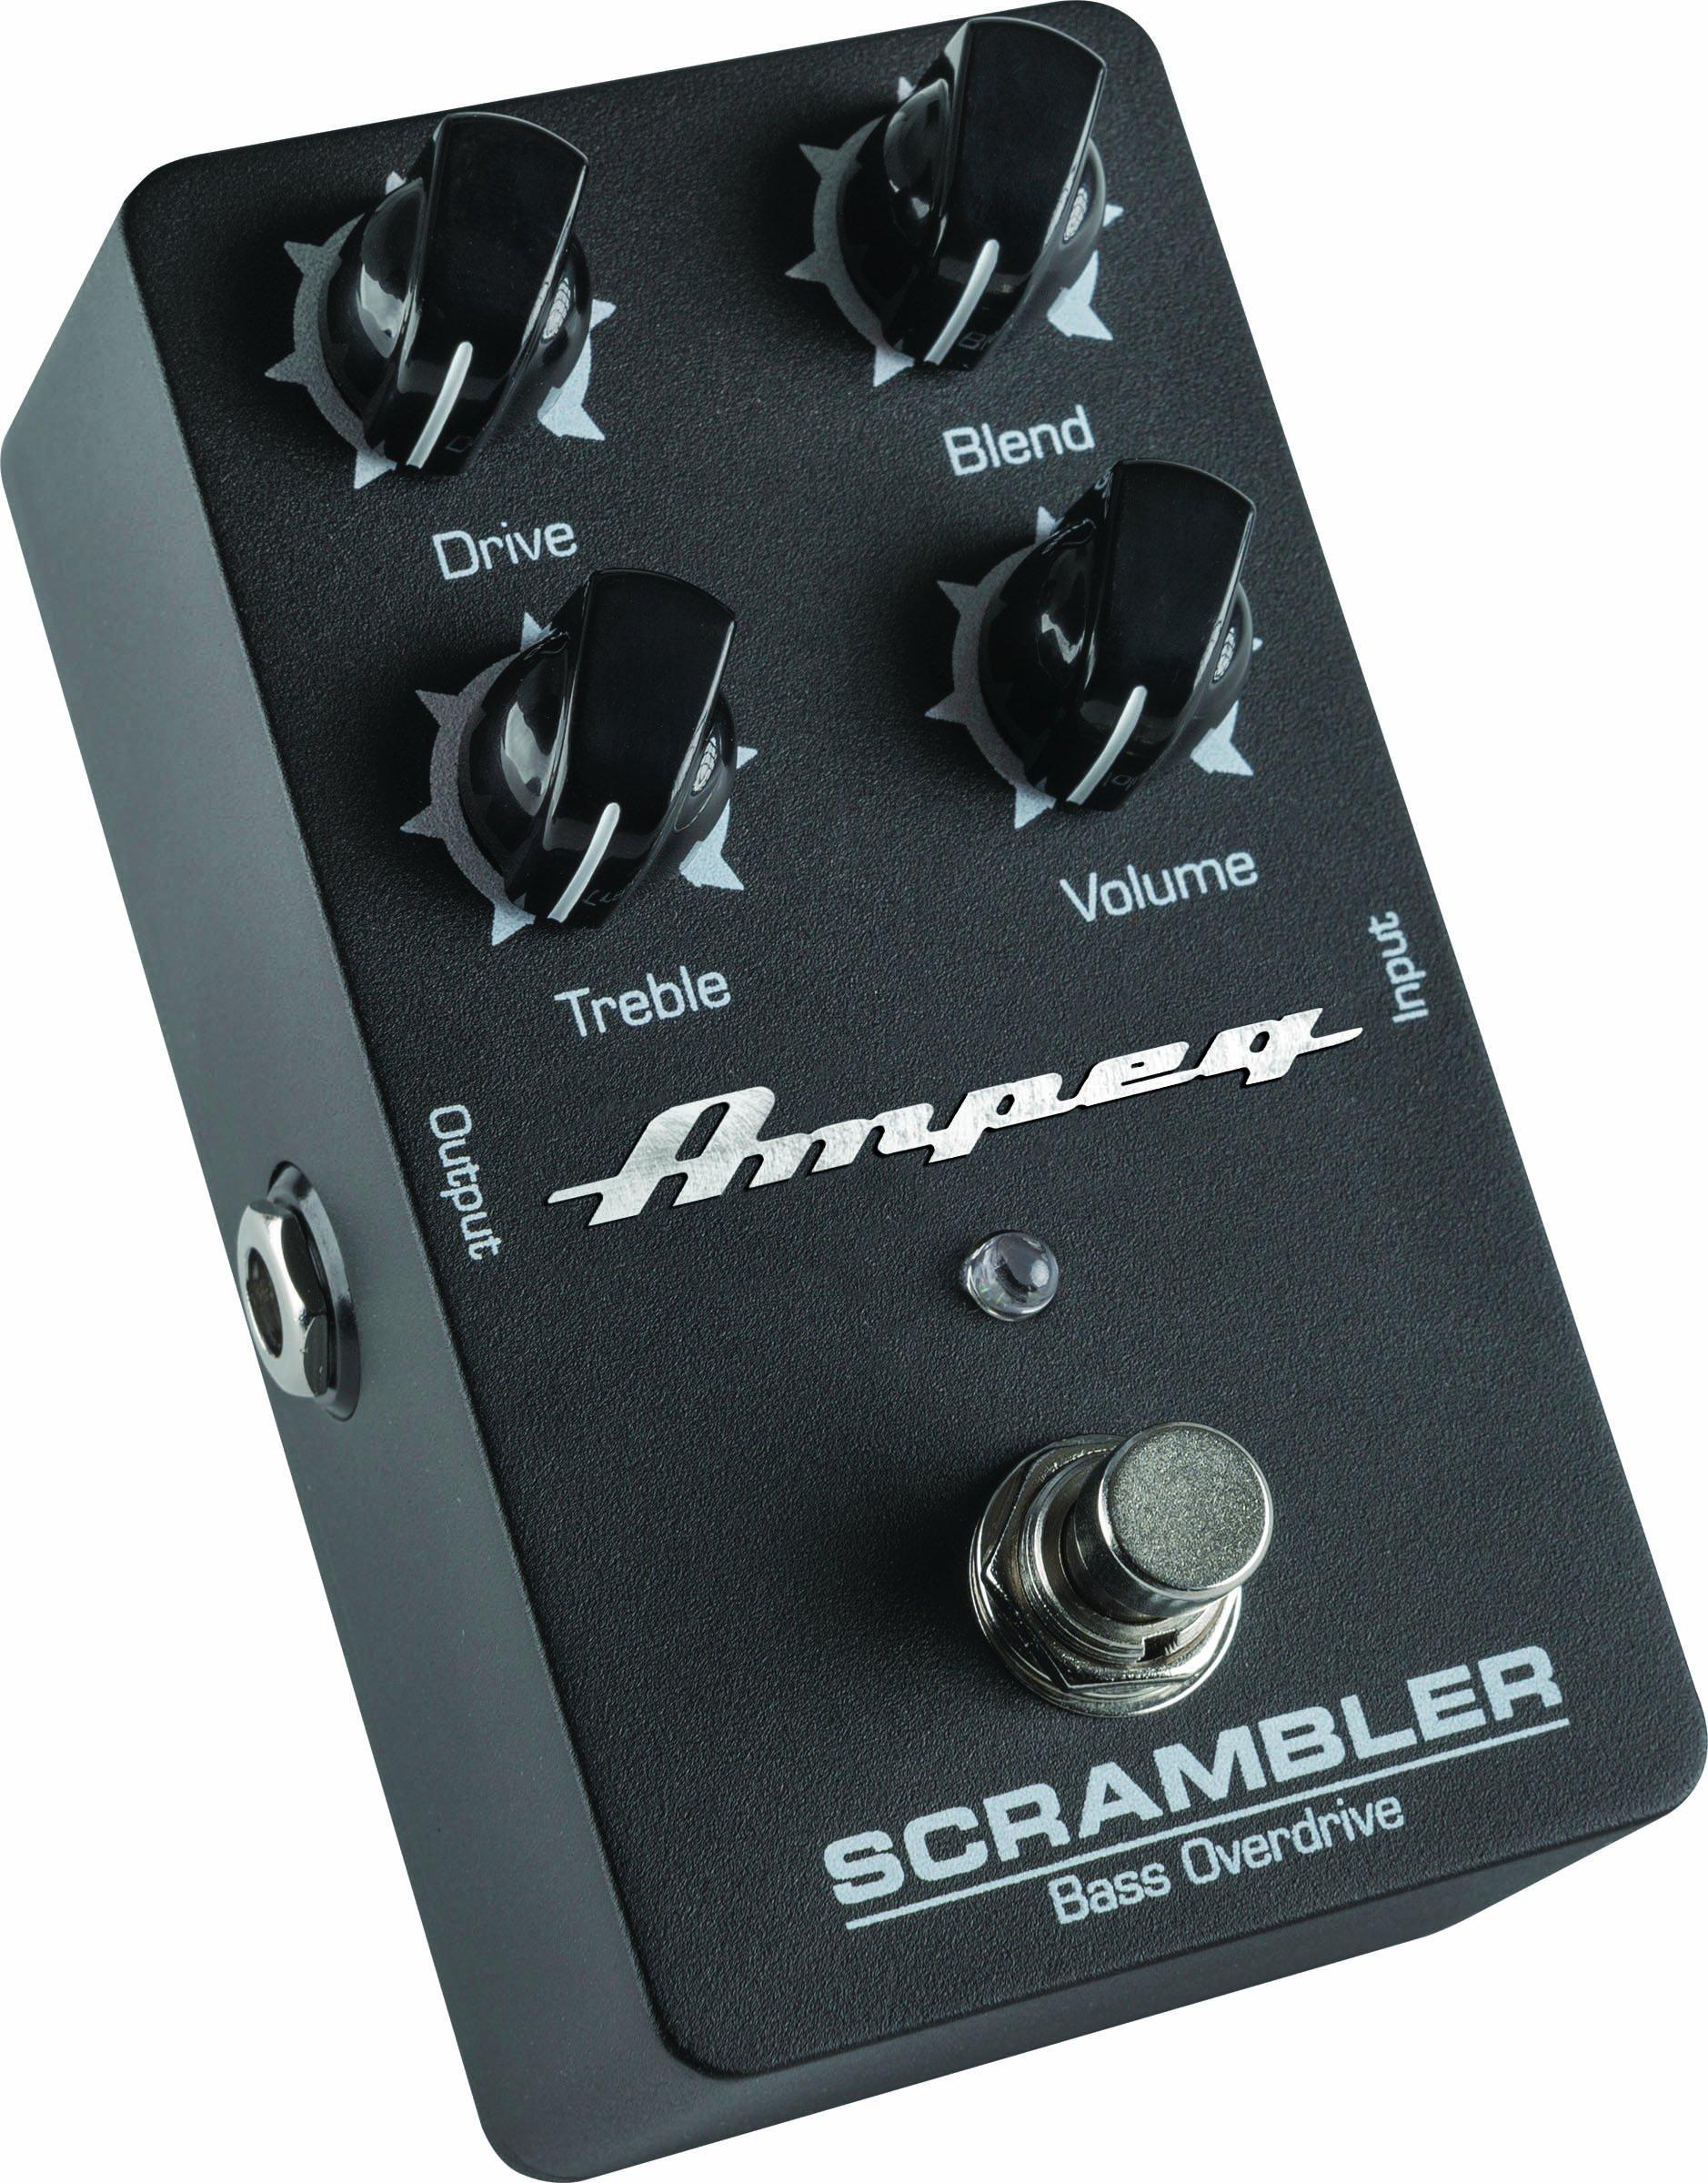 Ampeg Scrambler Bass Overdrive Pedal